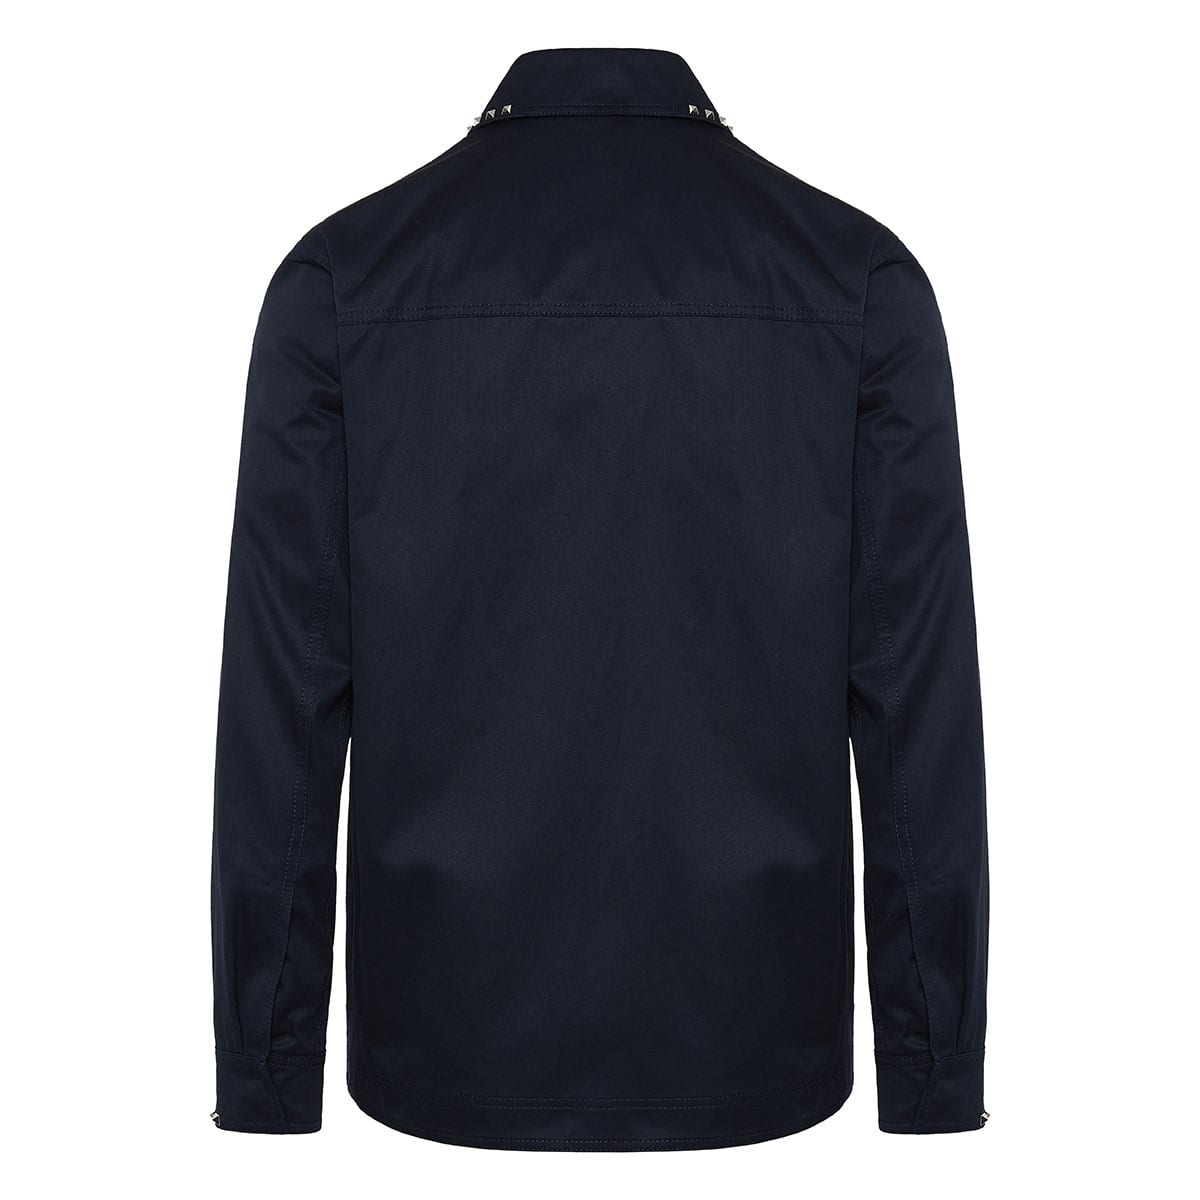 Rockstud utility jacket